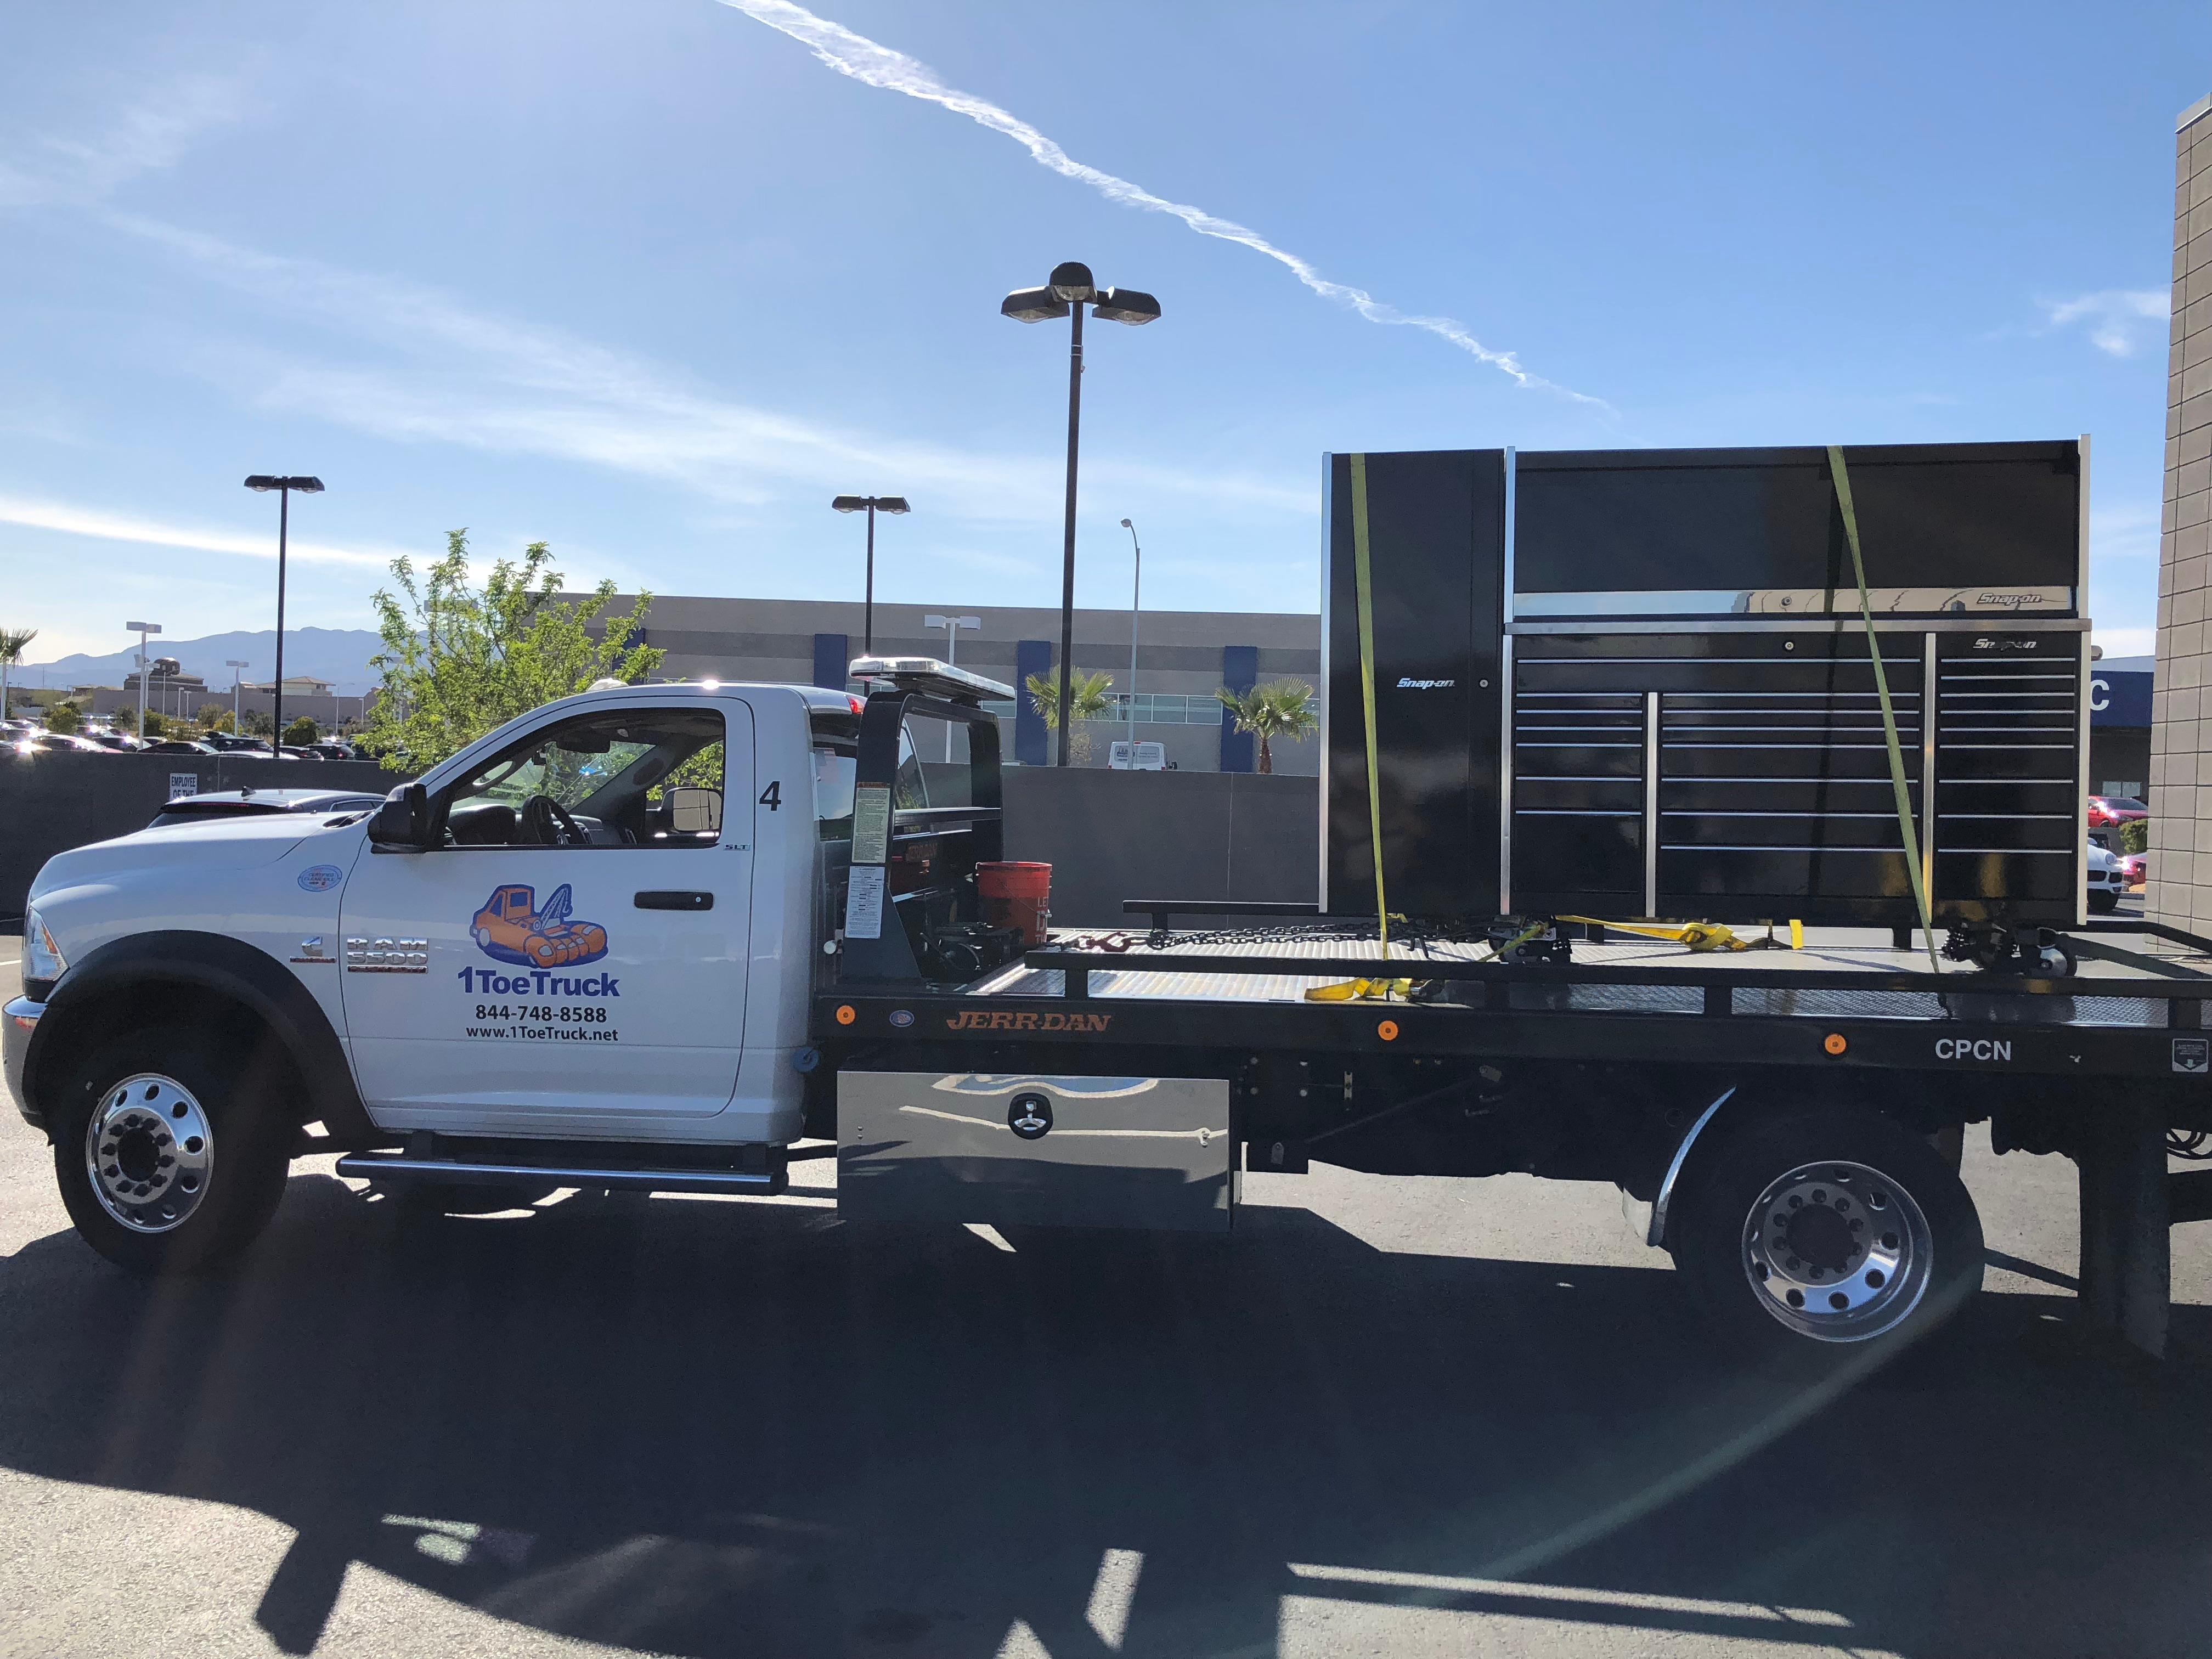 1 Toe Truck, LLC image 6